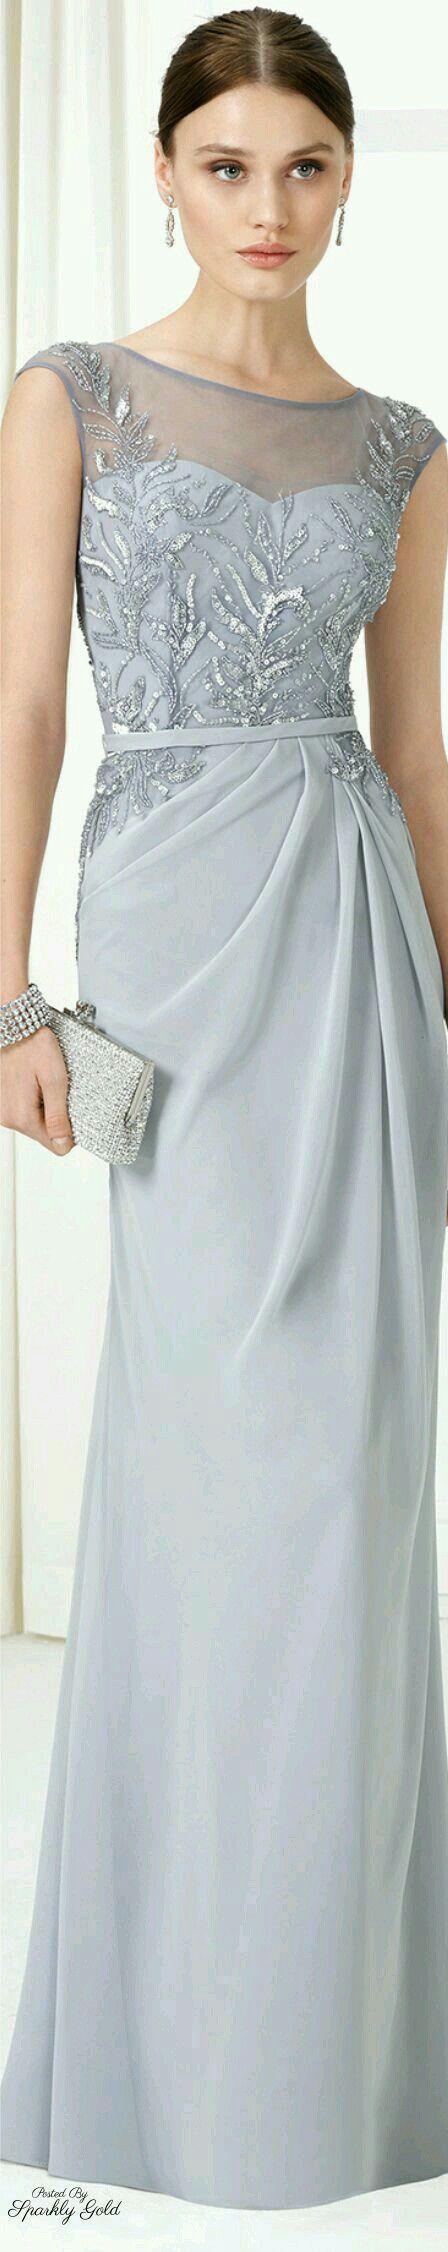 Pin de GLADYS en Vestidos | Pinterest | Vestidos damas de honor ...